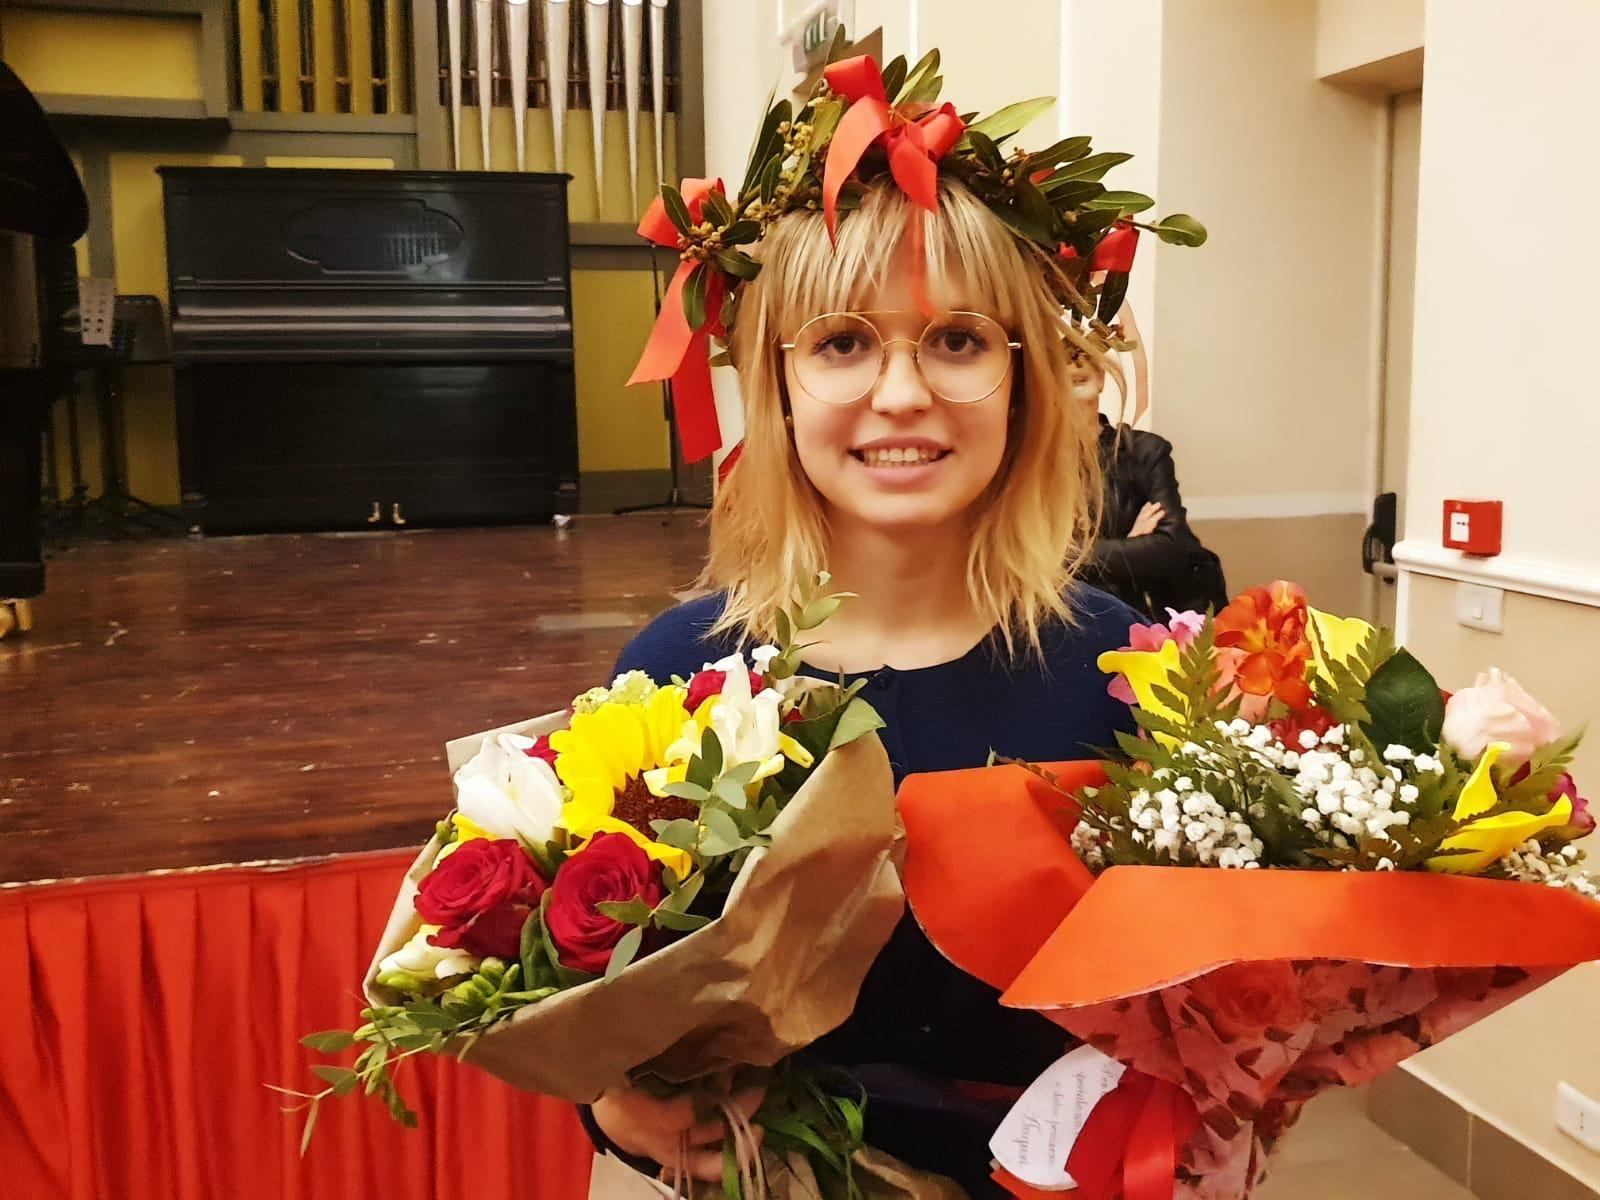 FORNO CANAVESE - Federica Bertot, talento al piano da 110 e lode